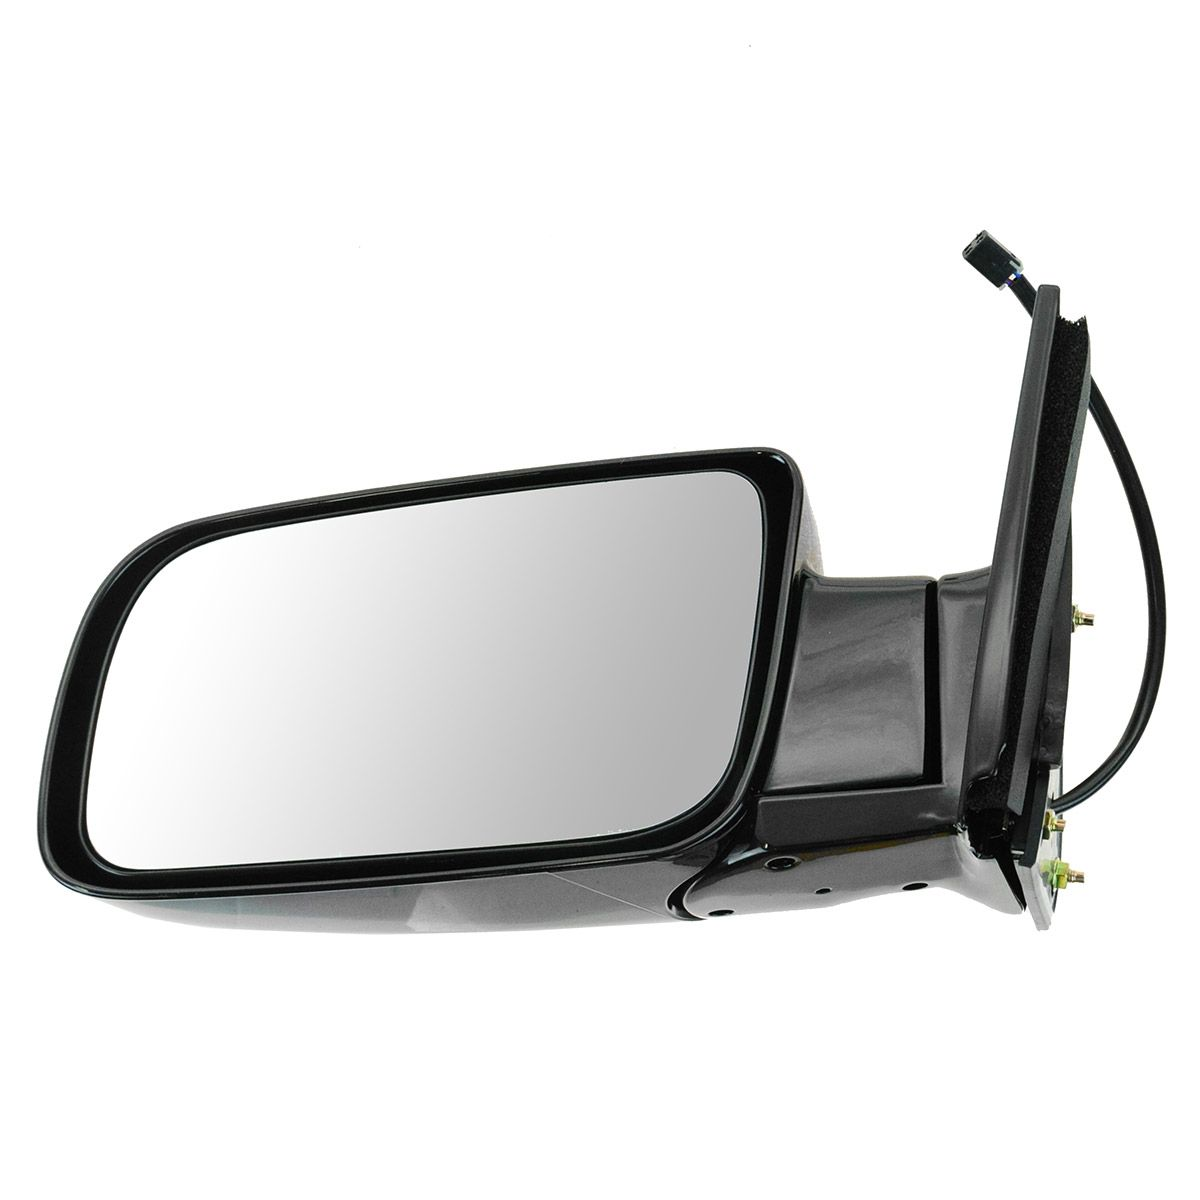 New GM1320122 Left//Driver Side Power Mirror for Chevrolet//GMC Trucks 1988-1994